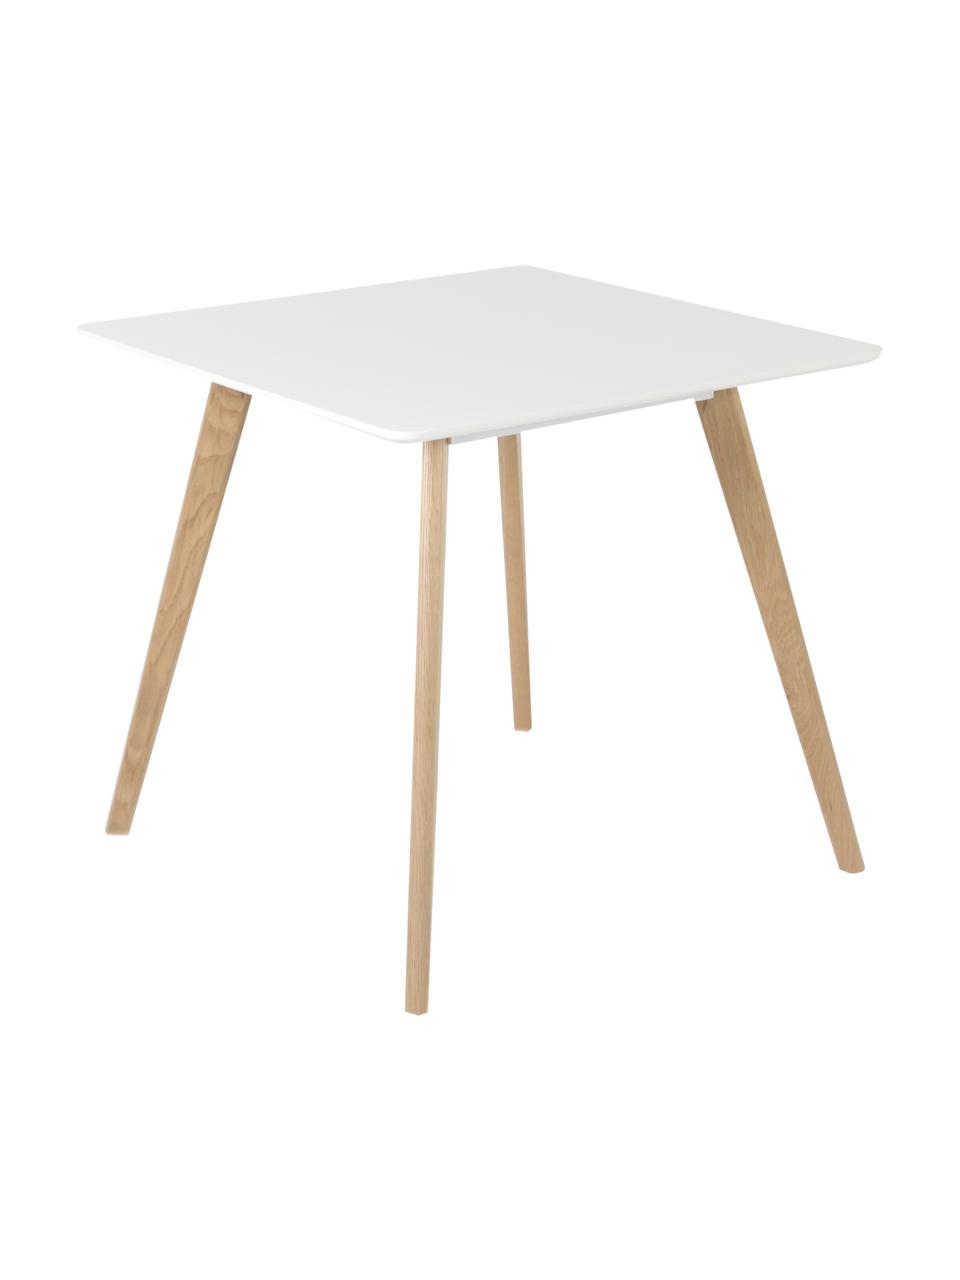 Stół do jadalni w stylu skandi Flamy, Blat: Płyta pilśniowa średniej , Biały, S 80 x G 80 cm